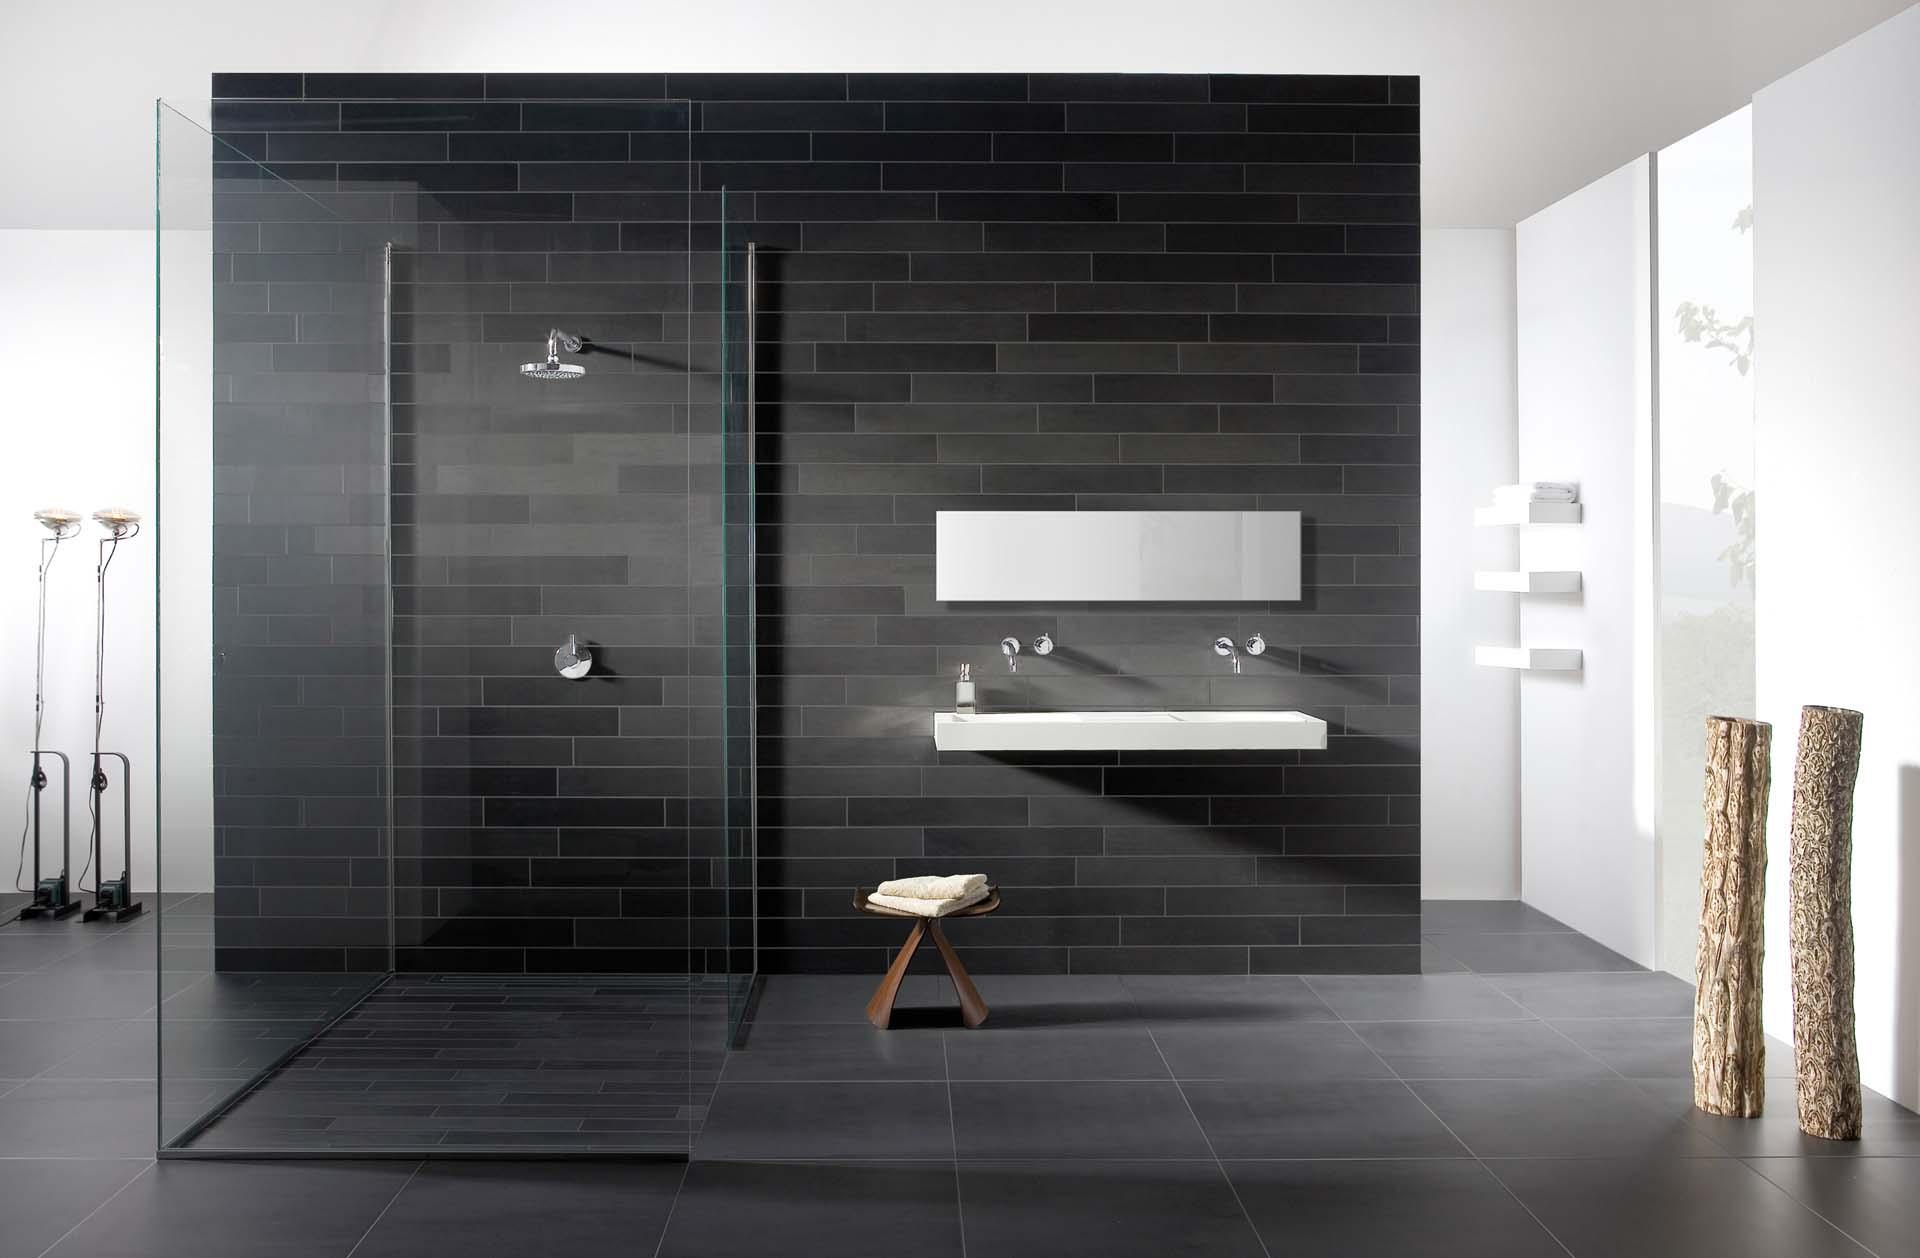 pvblik ontwerp stuc badkamer